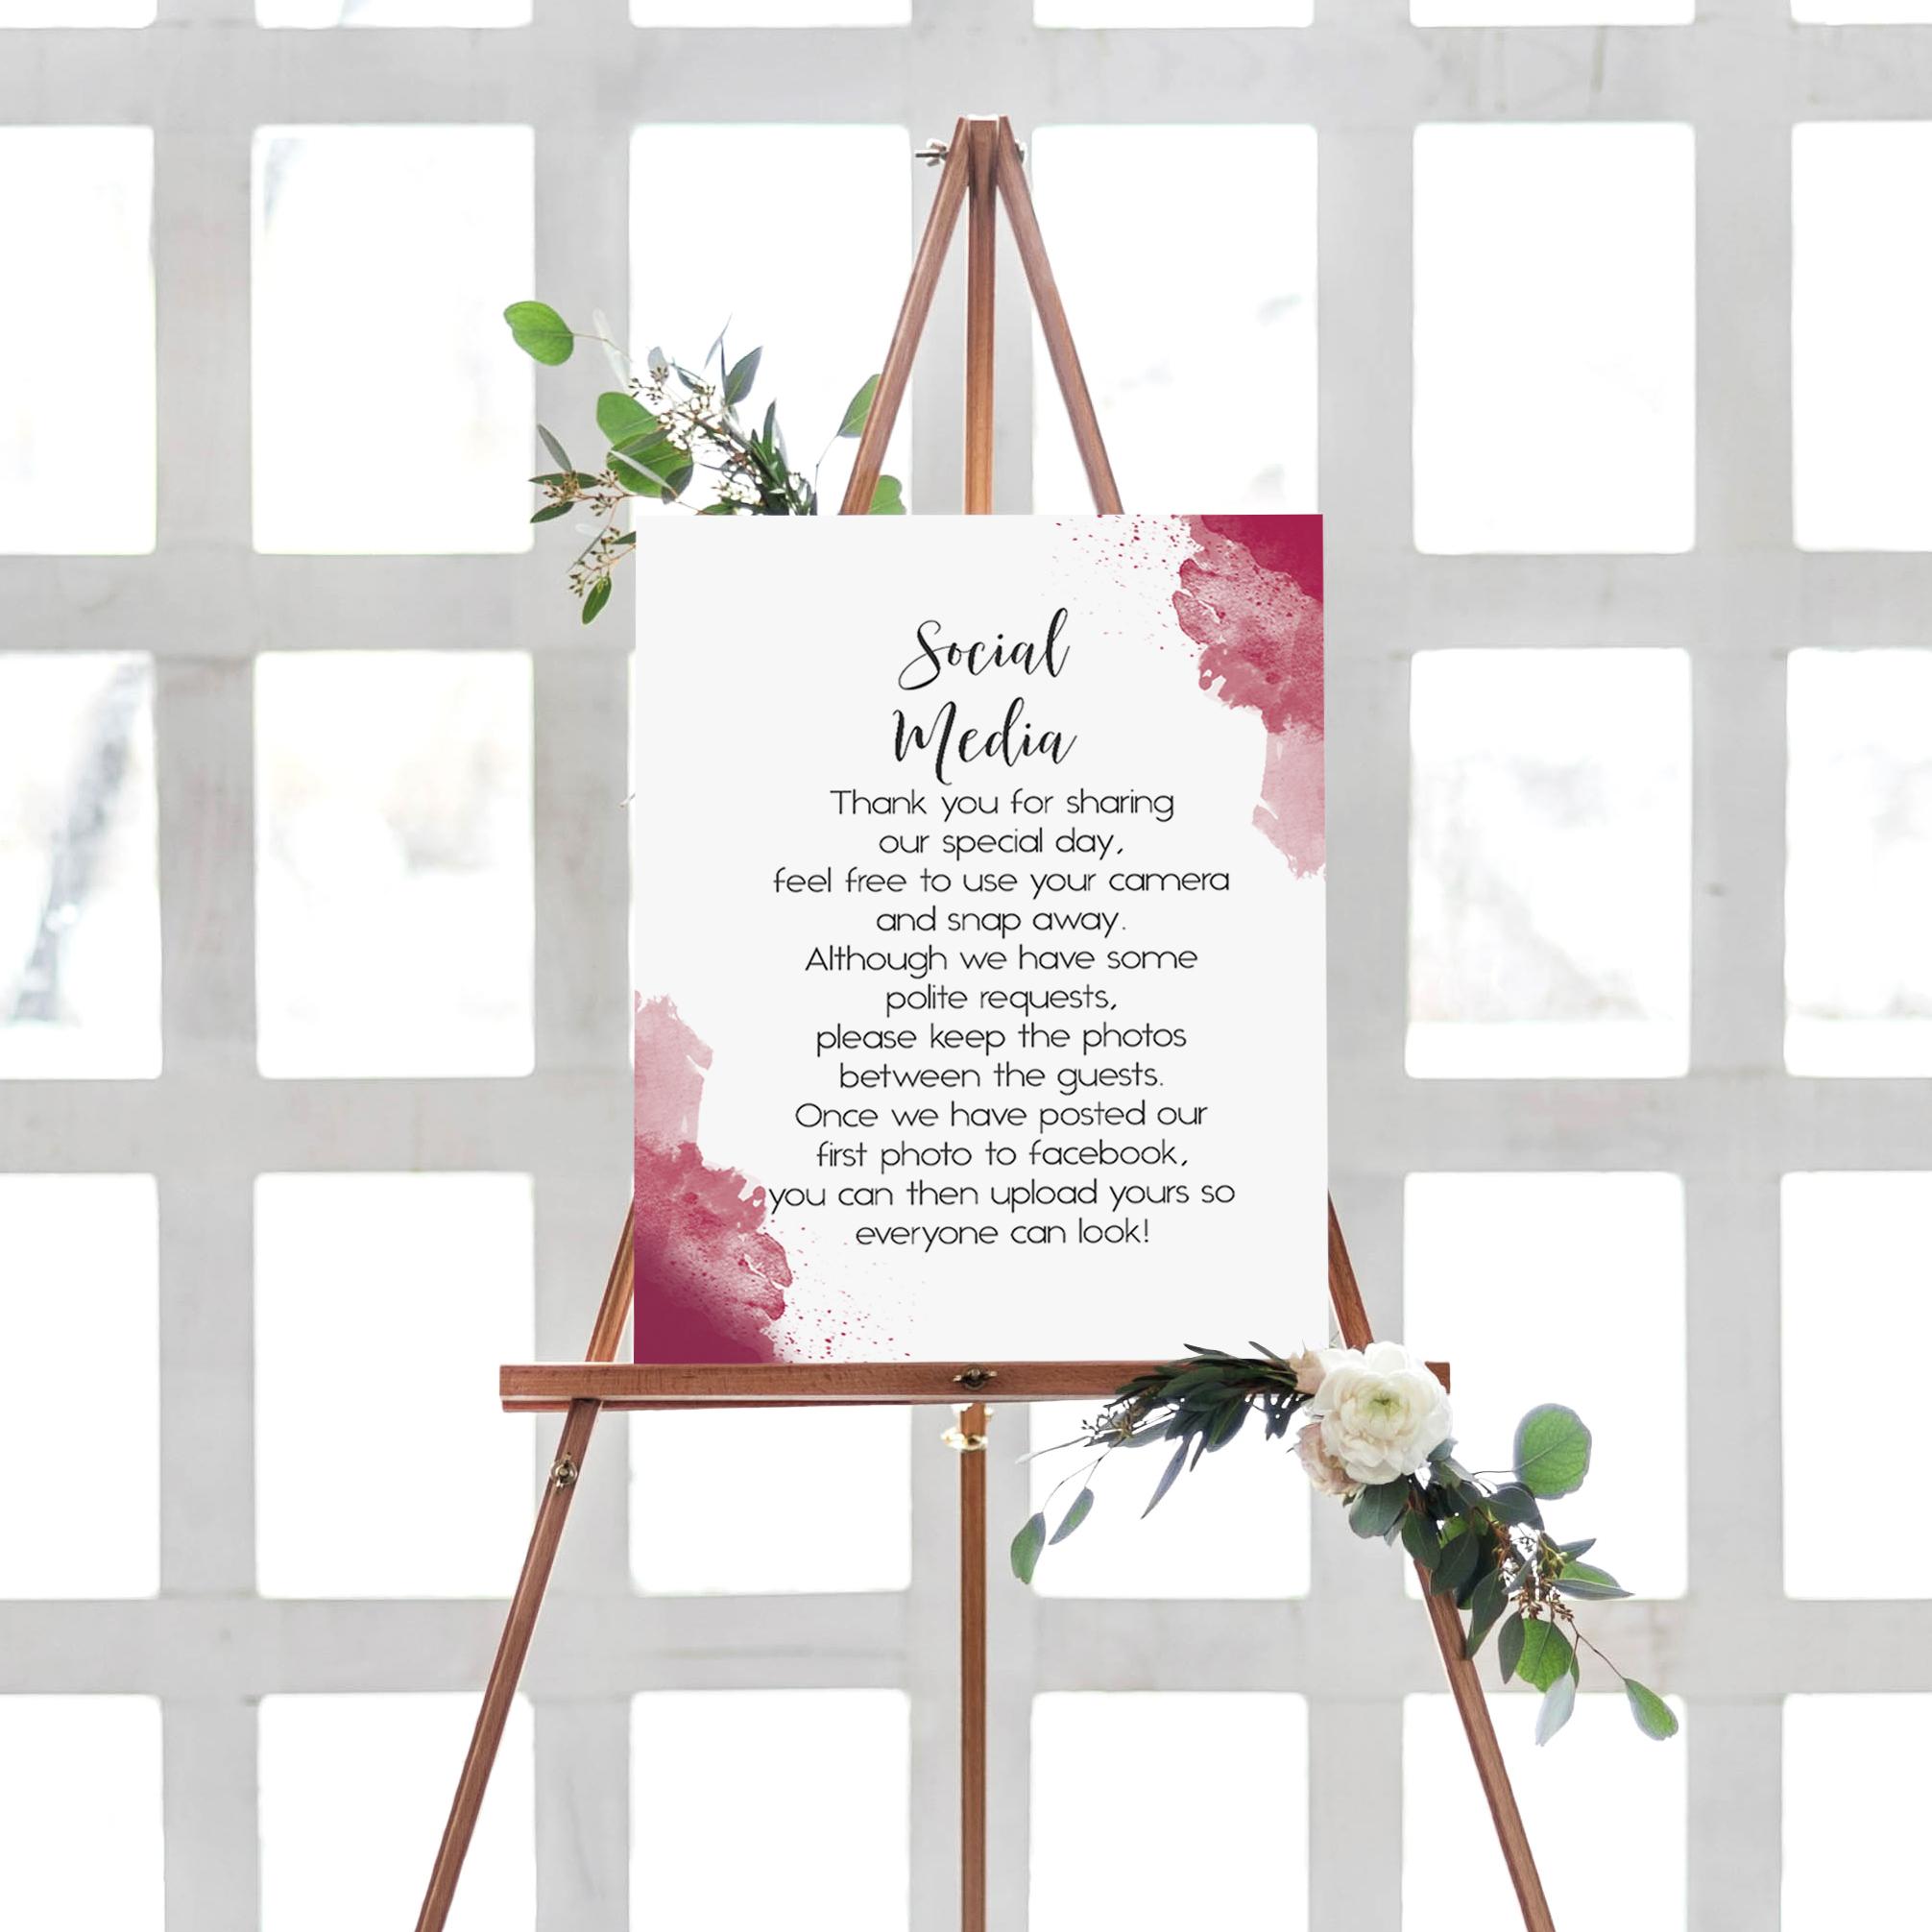 L.Grant -Social Signage